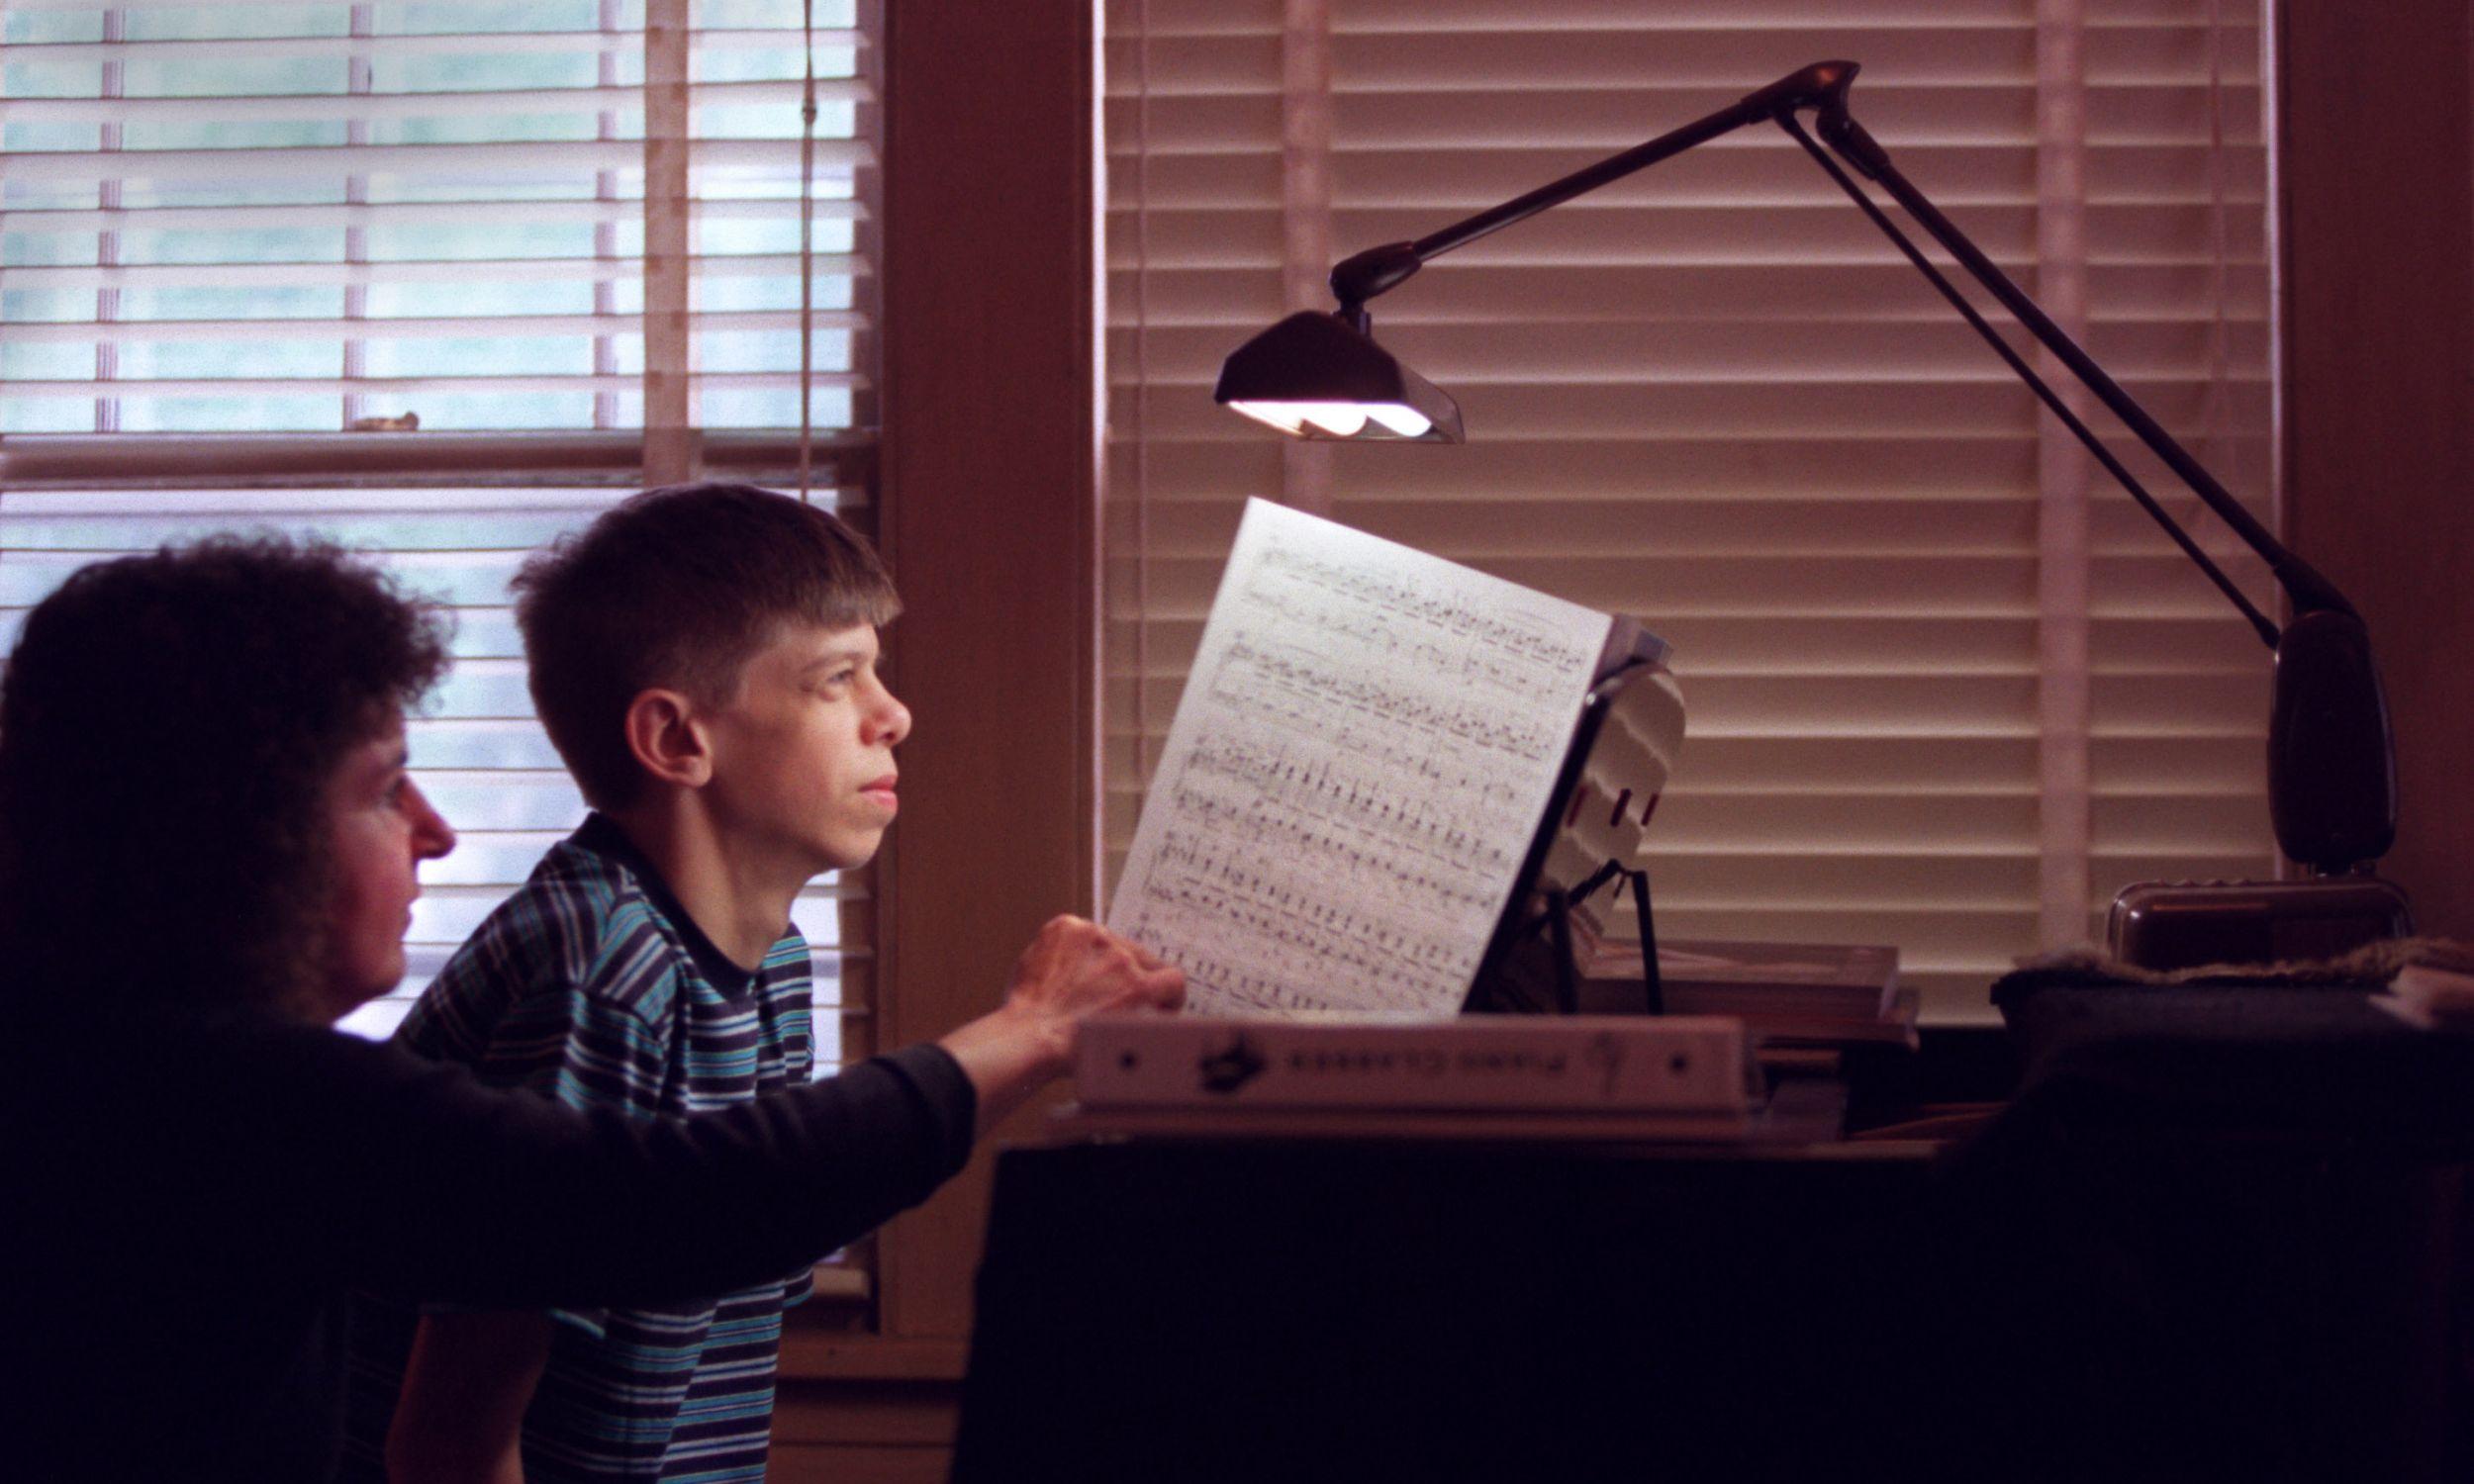 U osób z zespołem Williamsa często stwierdza się słuch absolutny. Alec Sweazy, 13-latek z tym rzadkim zaburzeniem genetycznym, ma właśnie rzadki dar do muzyki. A przy tym wyjątkowo przyjazną, towarzyską osobowość. Na zdjęciu pracuje nad kilkoma utworami muzycznymi z nauczycielką fortepianu Joanne Scully w jej domu w Minneapolis. Fot. BRUCE BISPING / Star Tribune via Getty Images